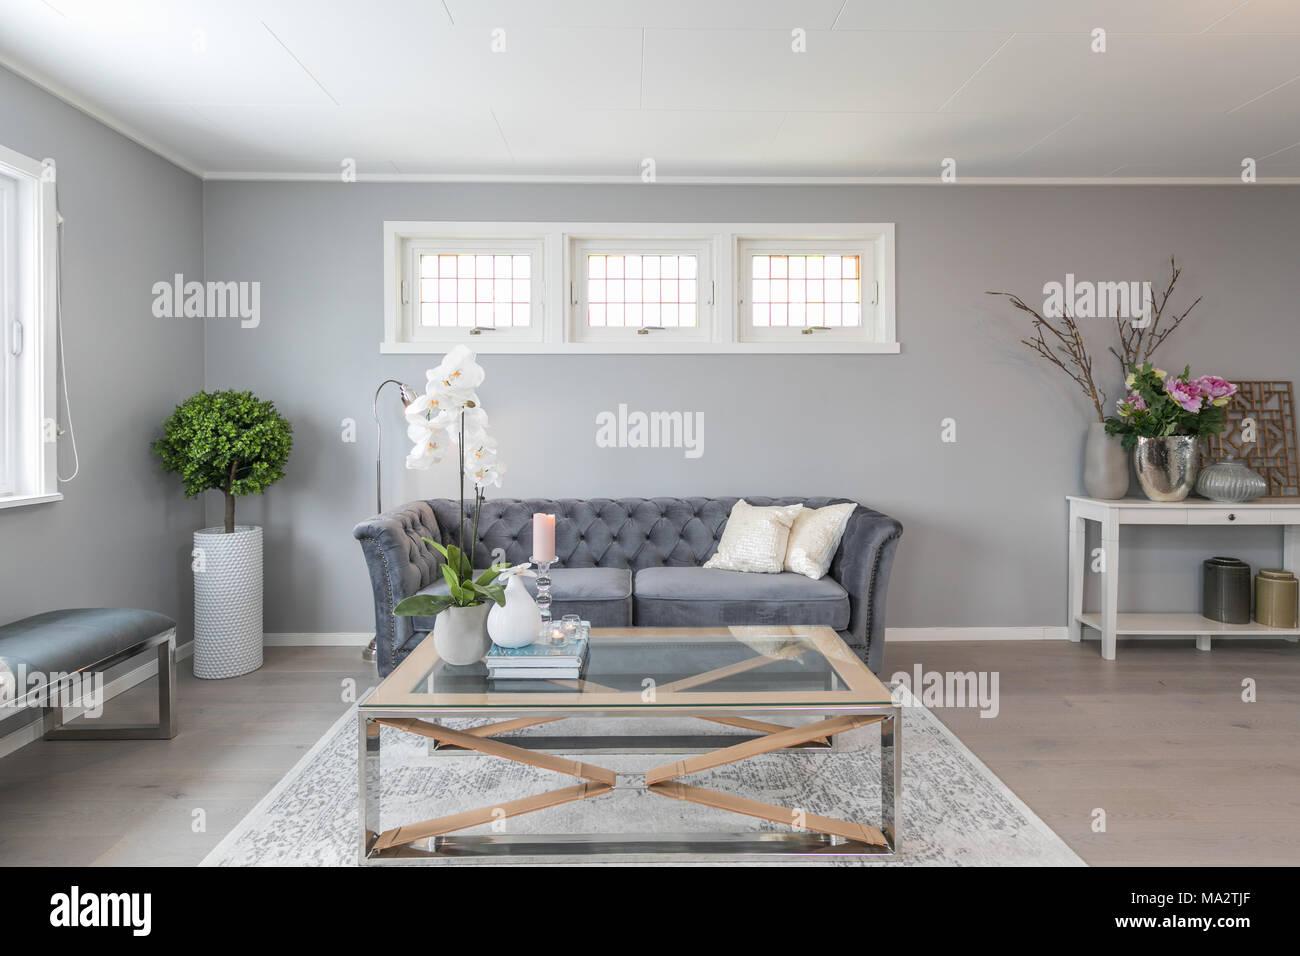 Malerisch Skandinavische Einrichtung Foto Von Wohnzimmer Mit Grauen Wände Und Behandlungstisch